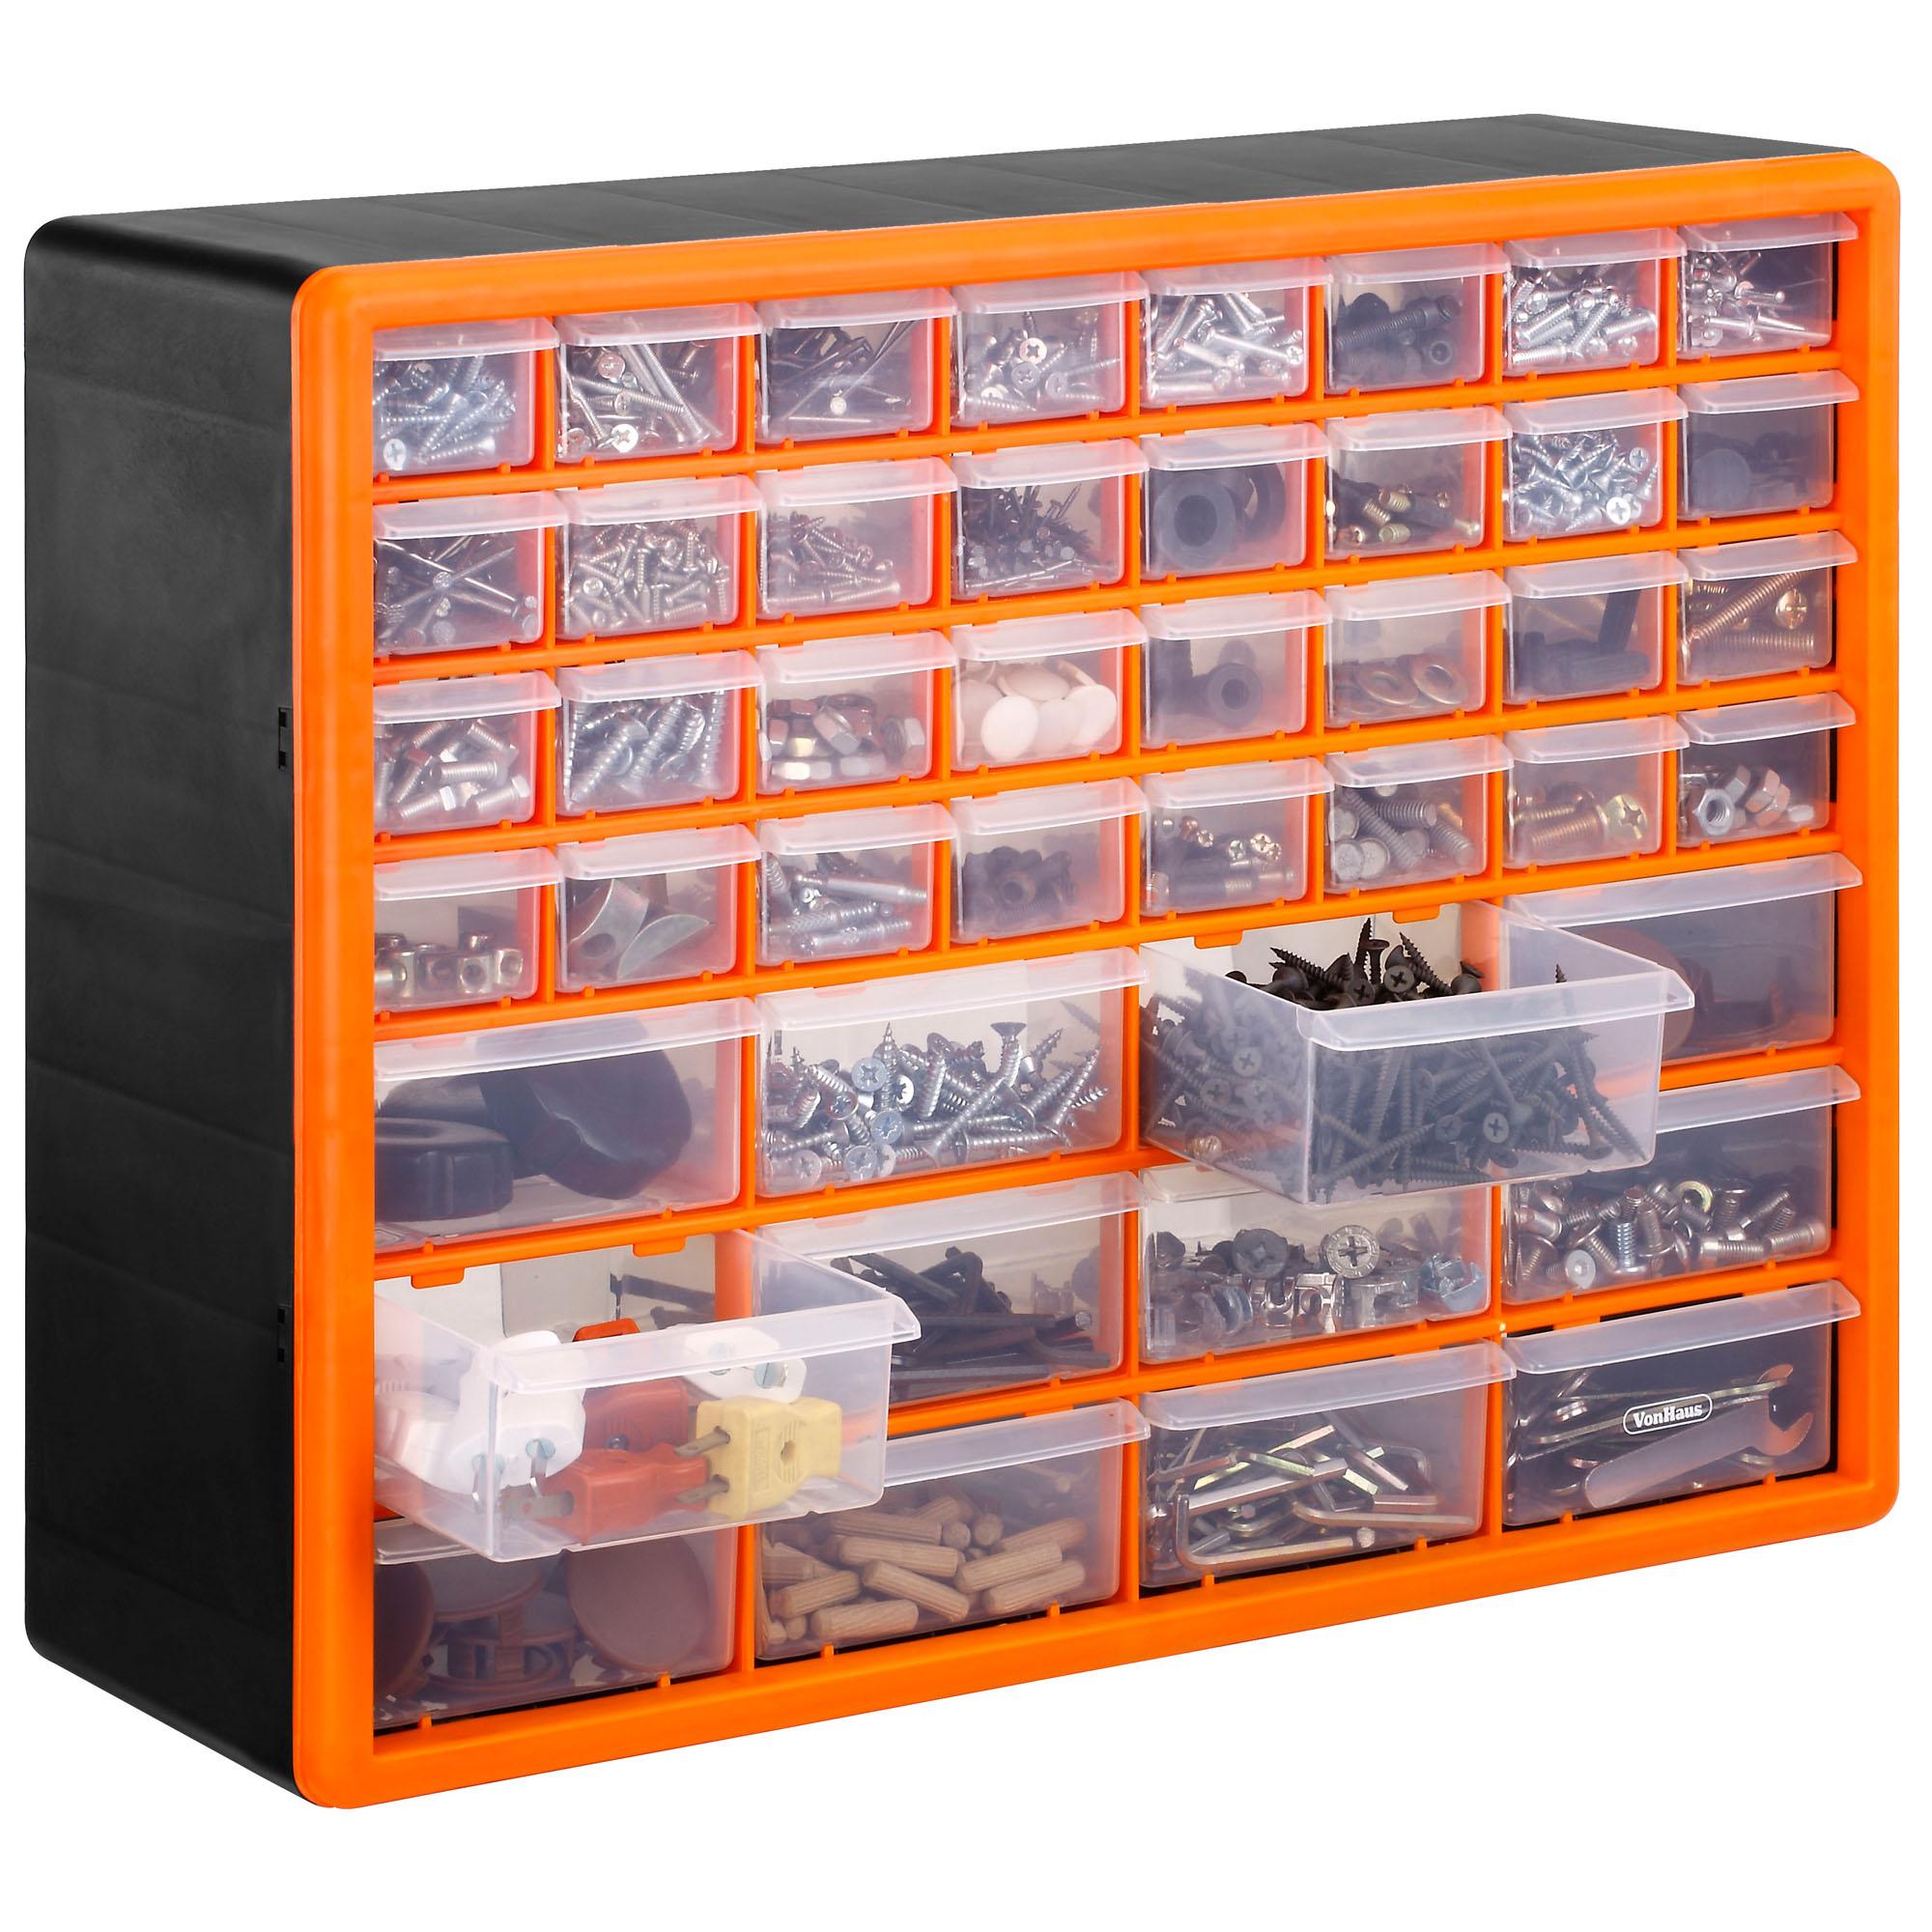 Vonhaus 44 Multi Drawer Organiser Nail Bolt Screw Craft